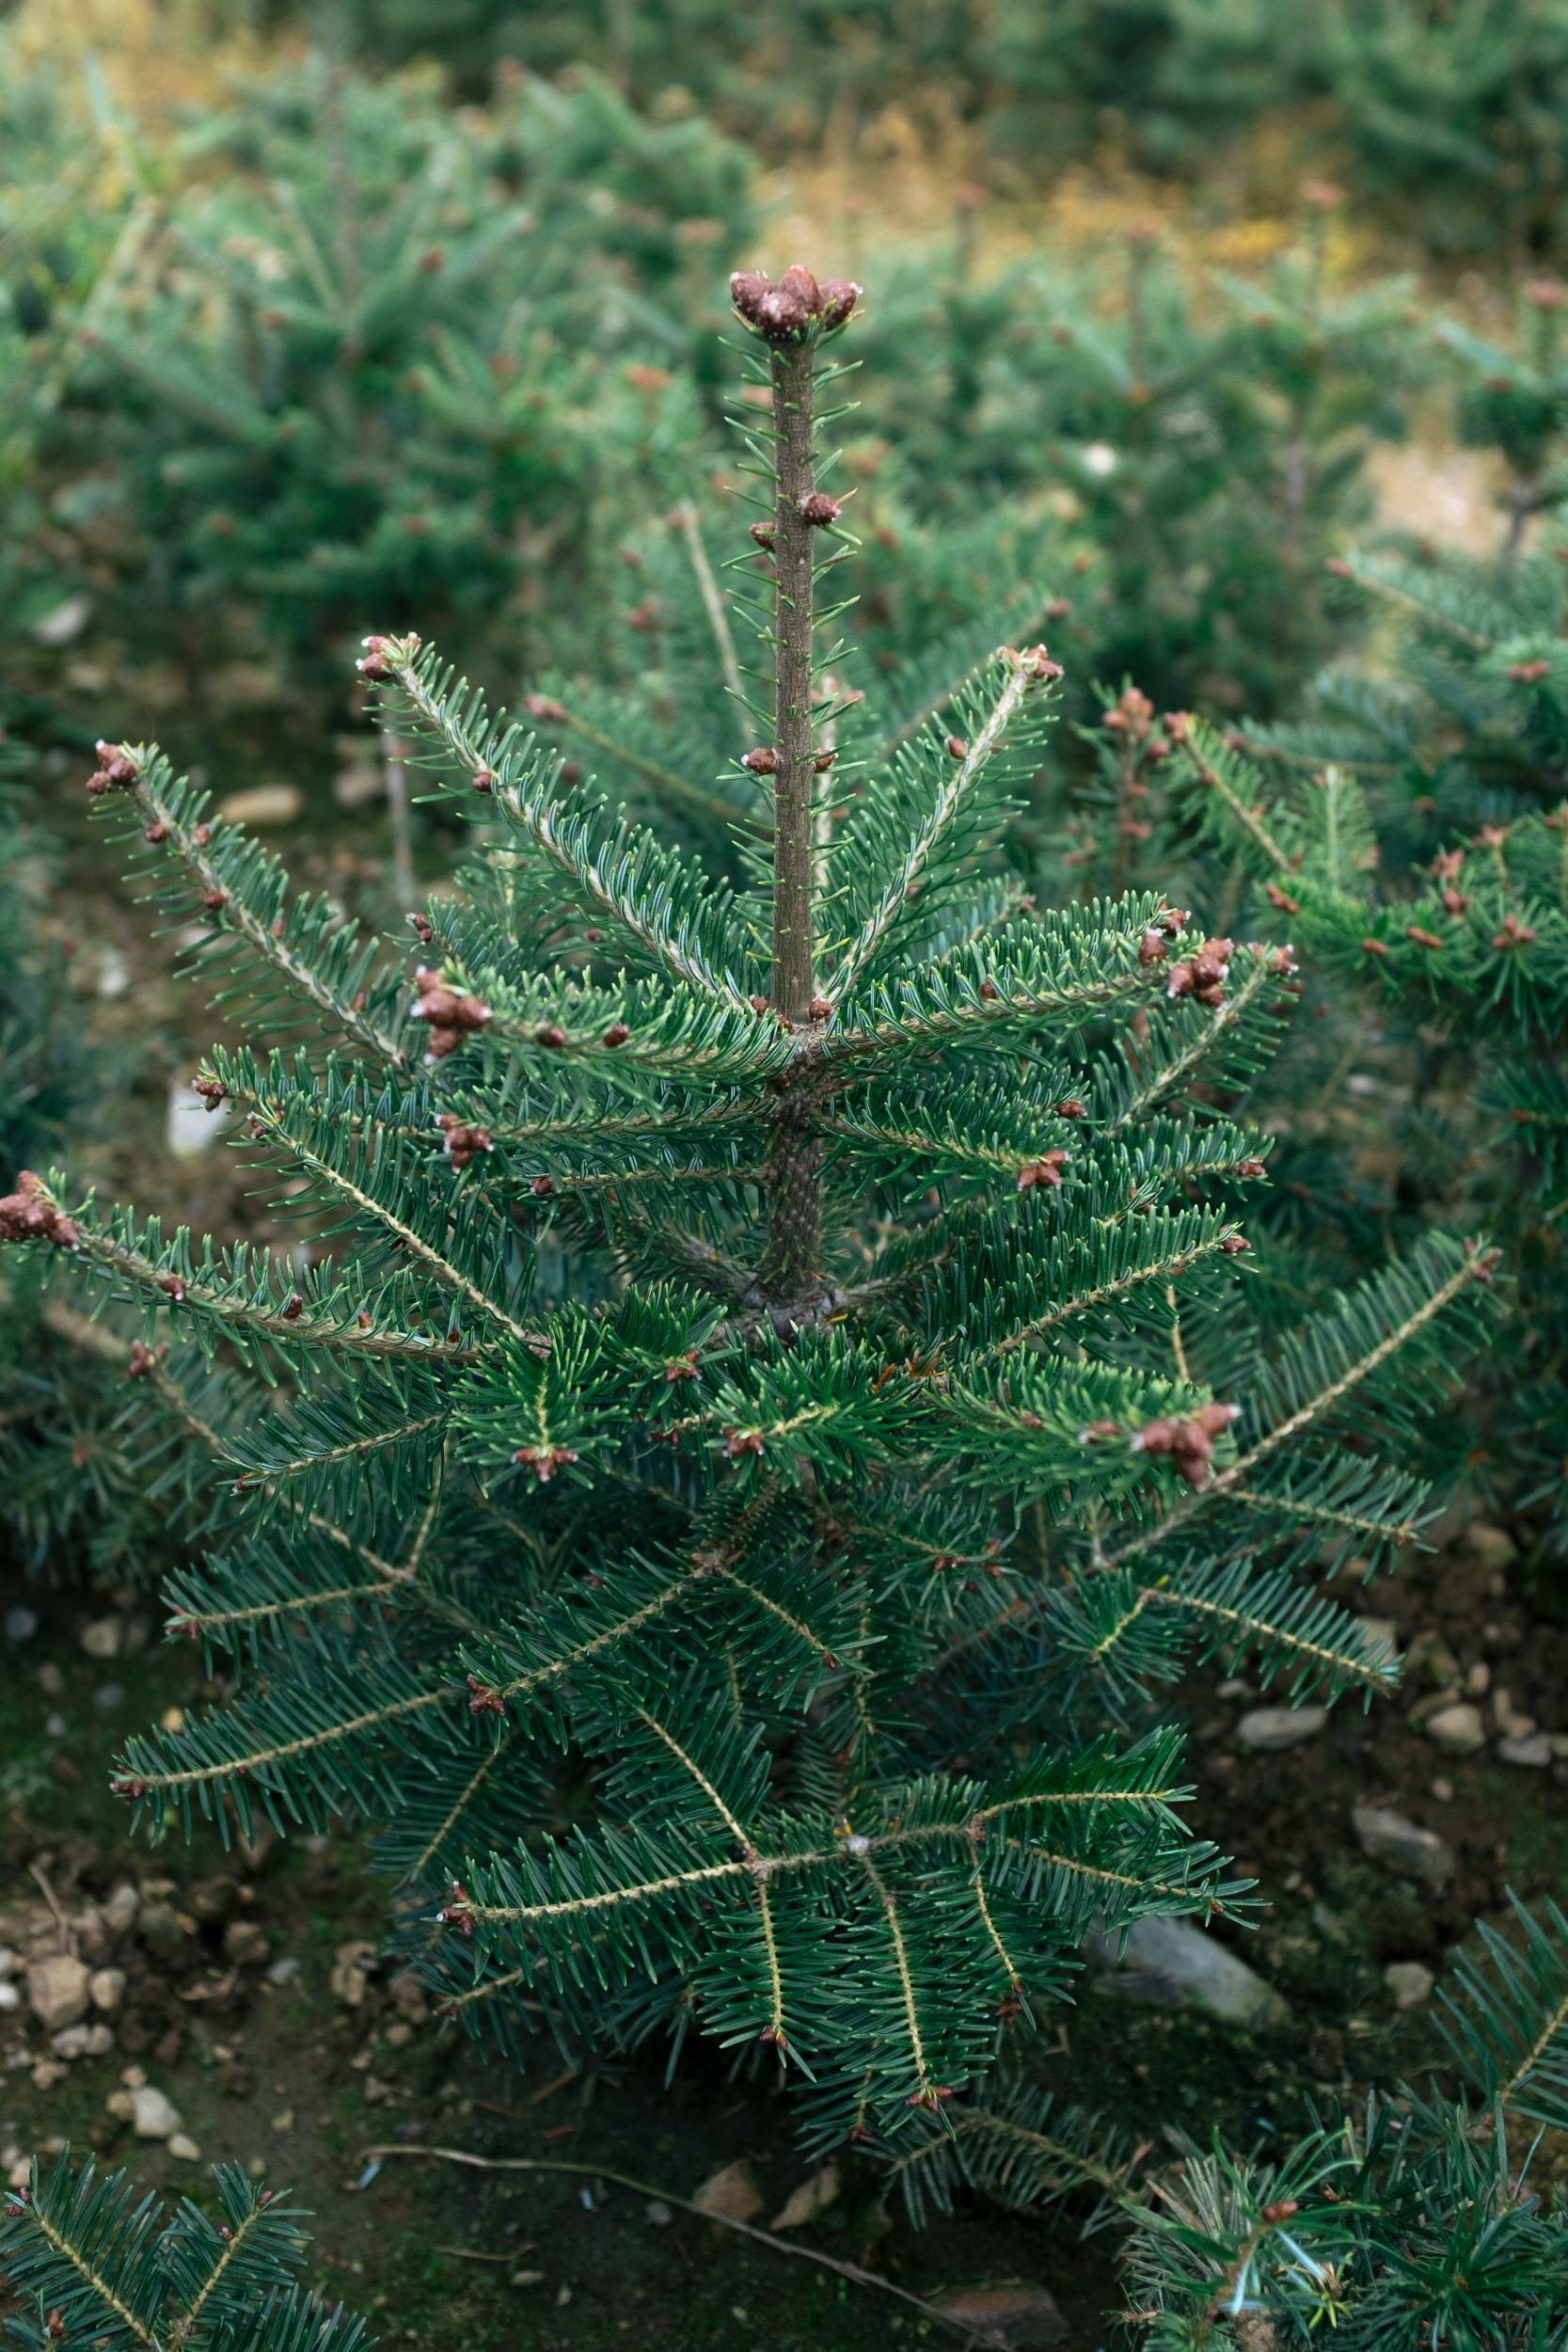 Bracted_Balsam_Fir_tree.jpg